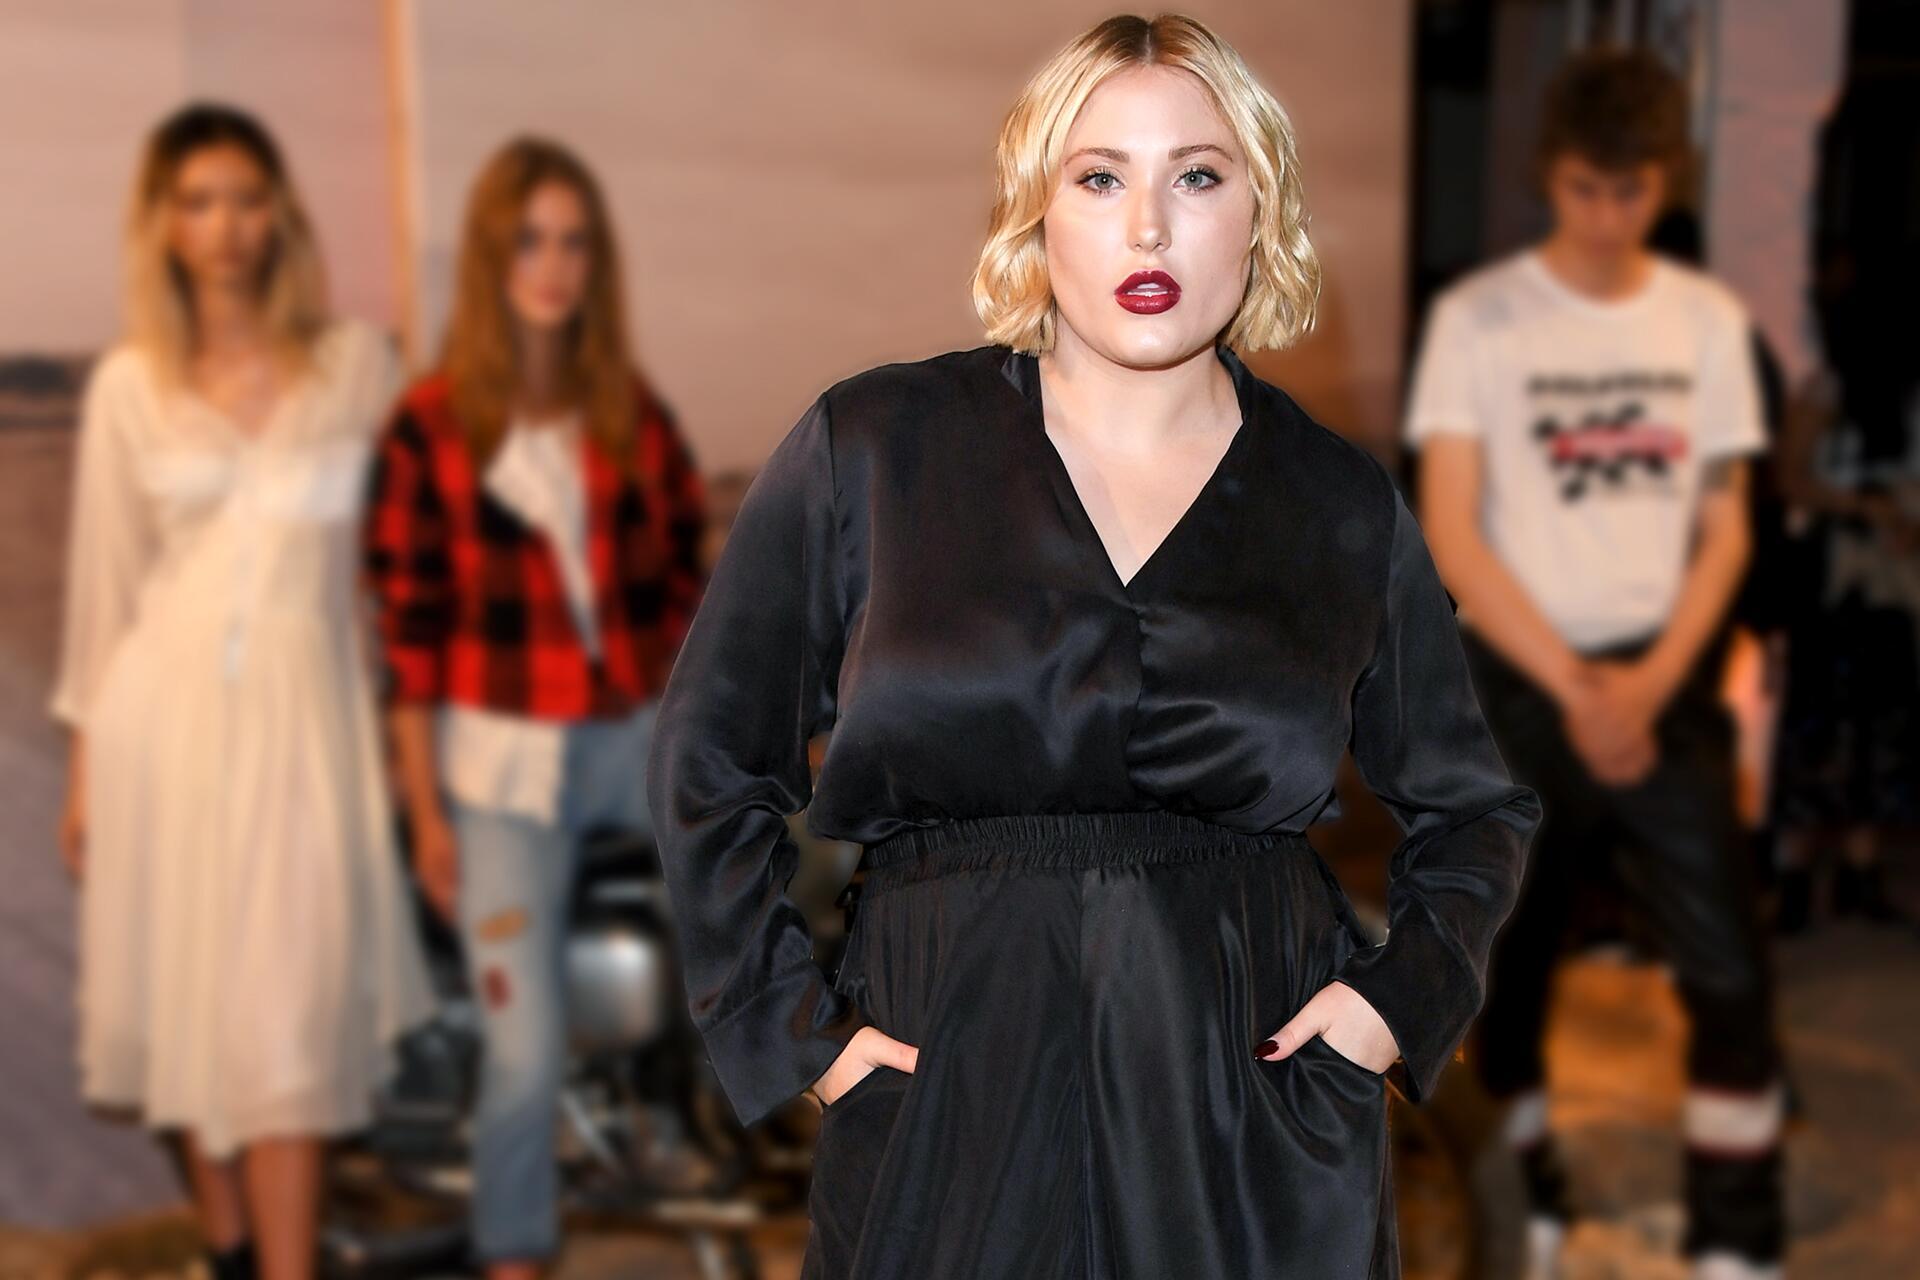 Bild zu Hayley Hasselhoff, Model, plus-size, Vorbild, Victoria Beckham